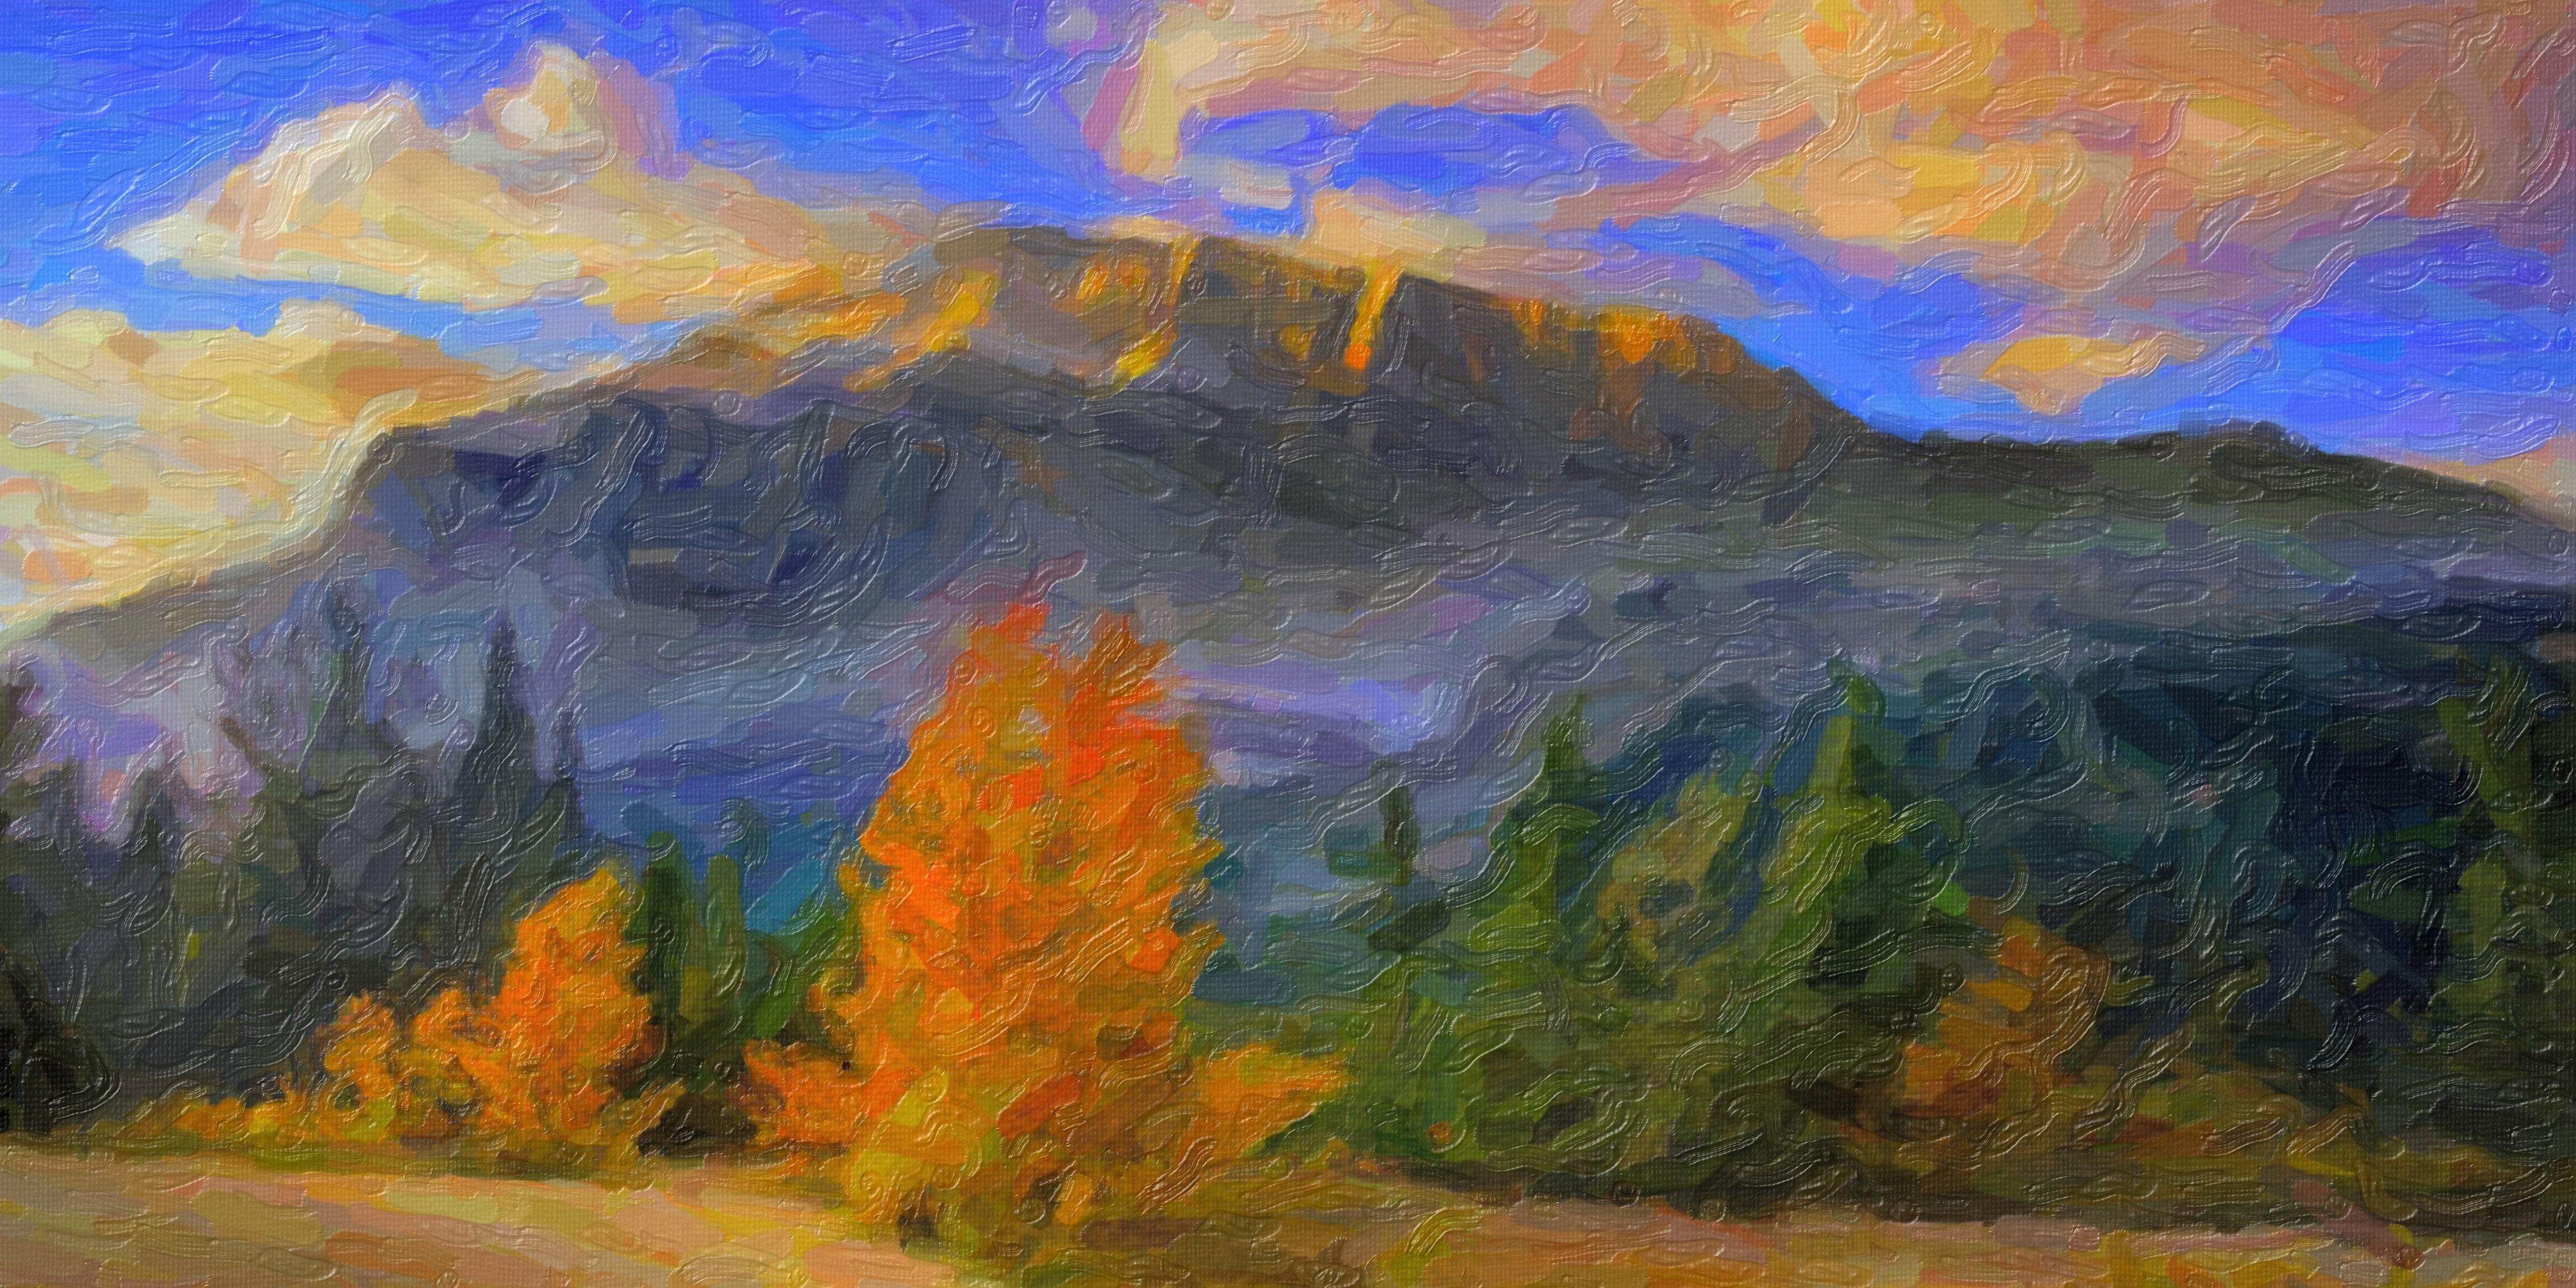 Paysages d automne en peinture fashion designs - Images d automne gratuites ...